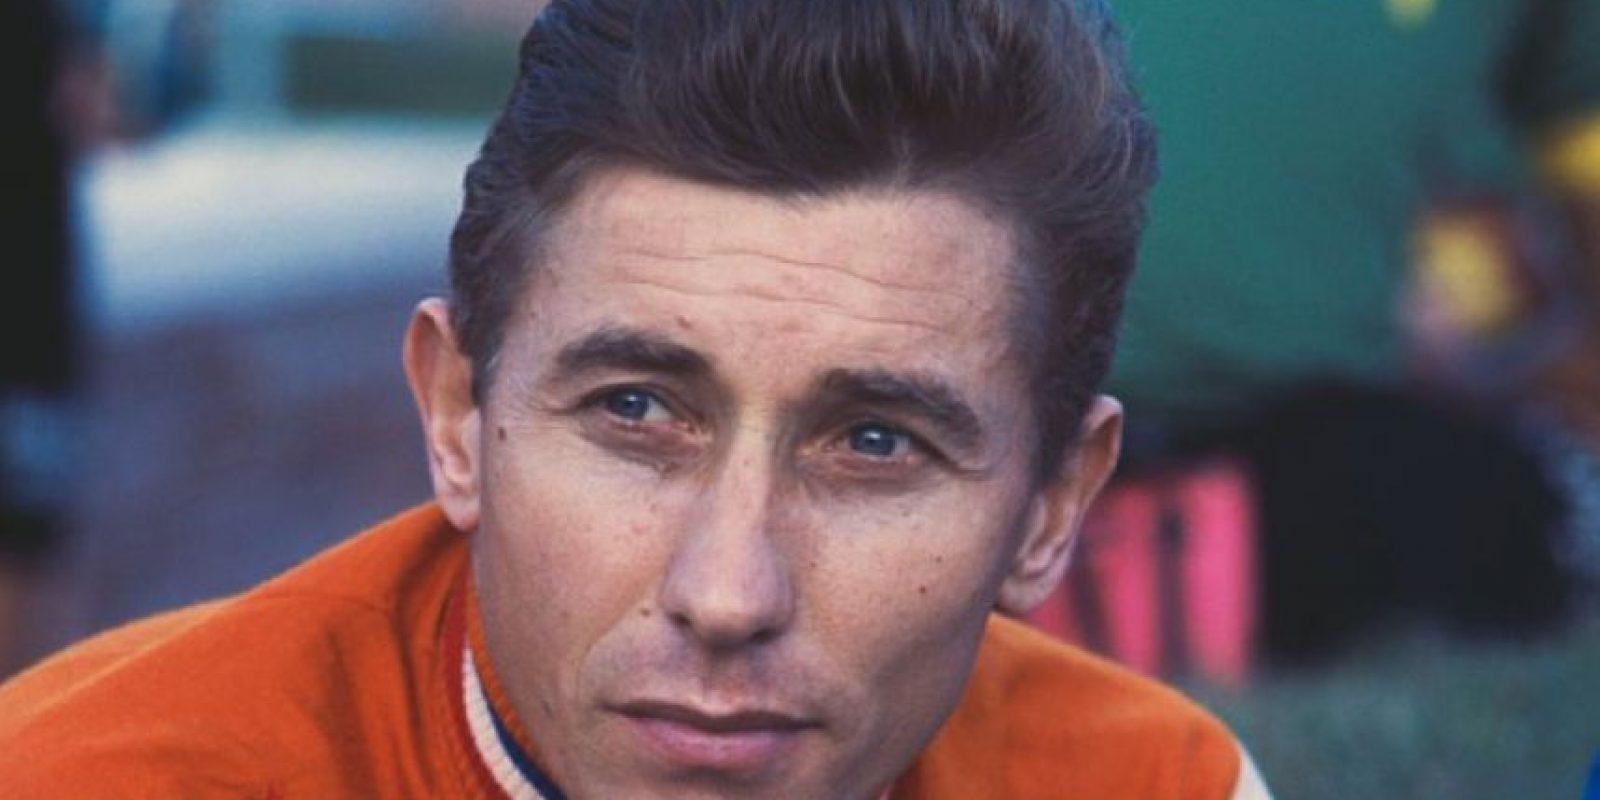 Fue el primer ciclista en ganar cinco veces el Tour de Francia. Murió en 1987 a consecuencia de un cáncer de estómago que se le diagnosticó cinco meses antes de su muerte Foto:Wikipedia